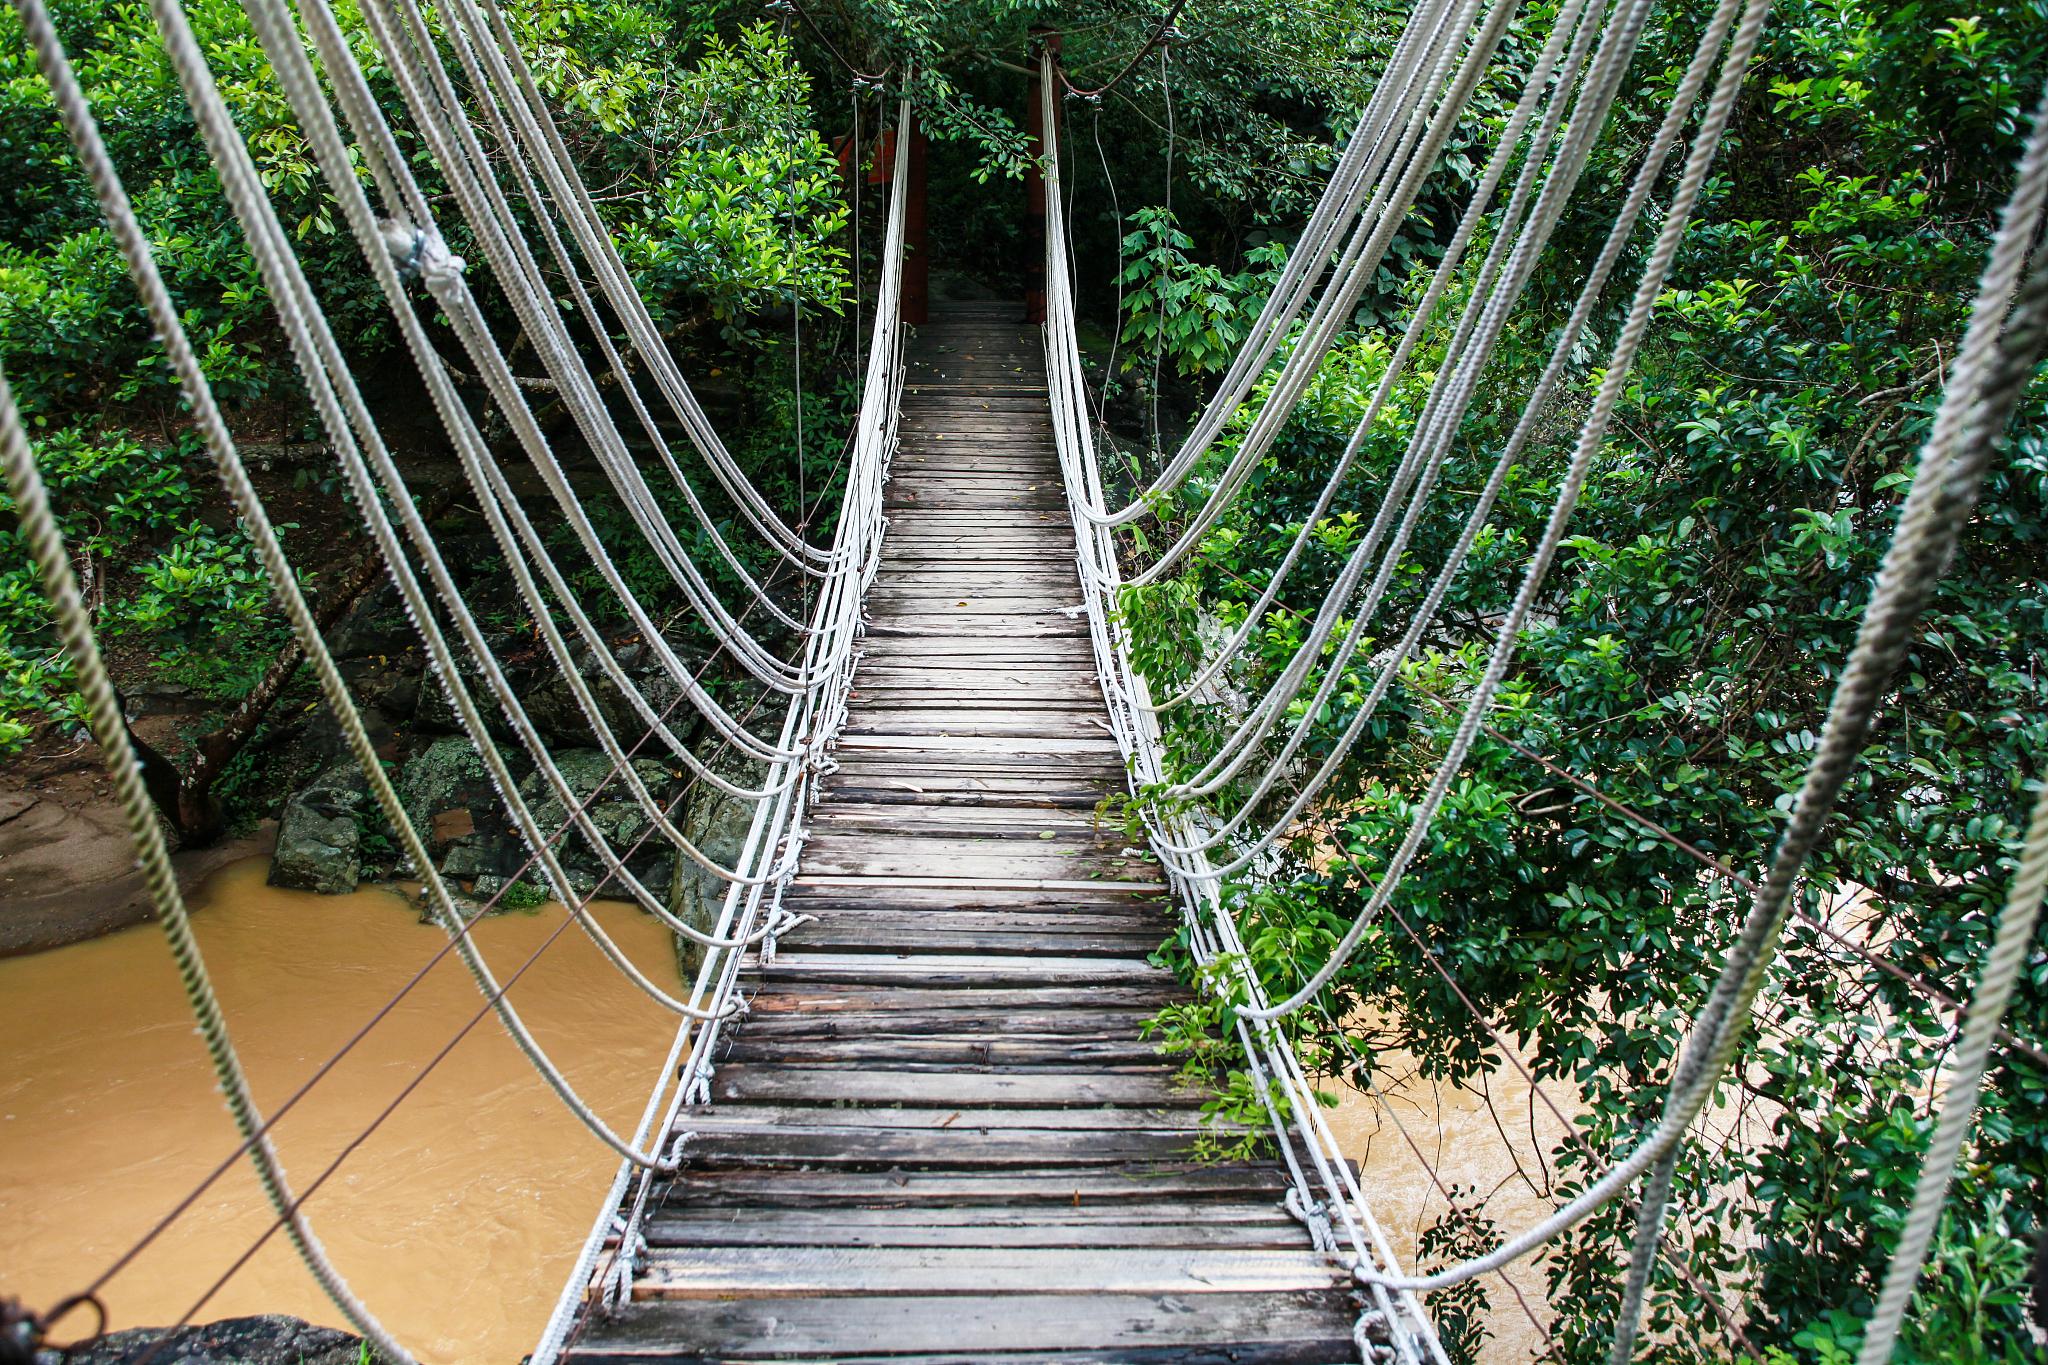 Wuzhishan Tropical Rainforest